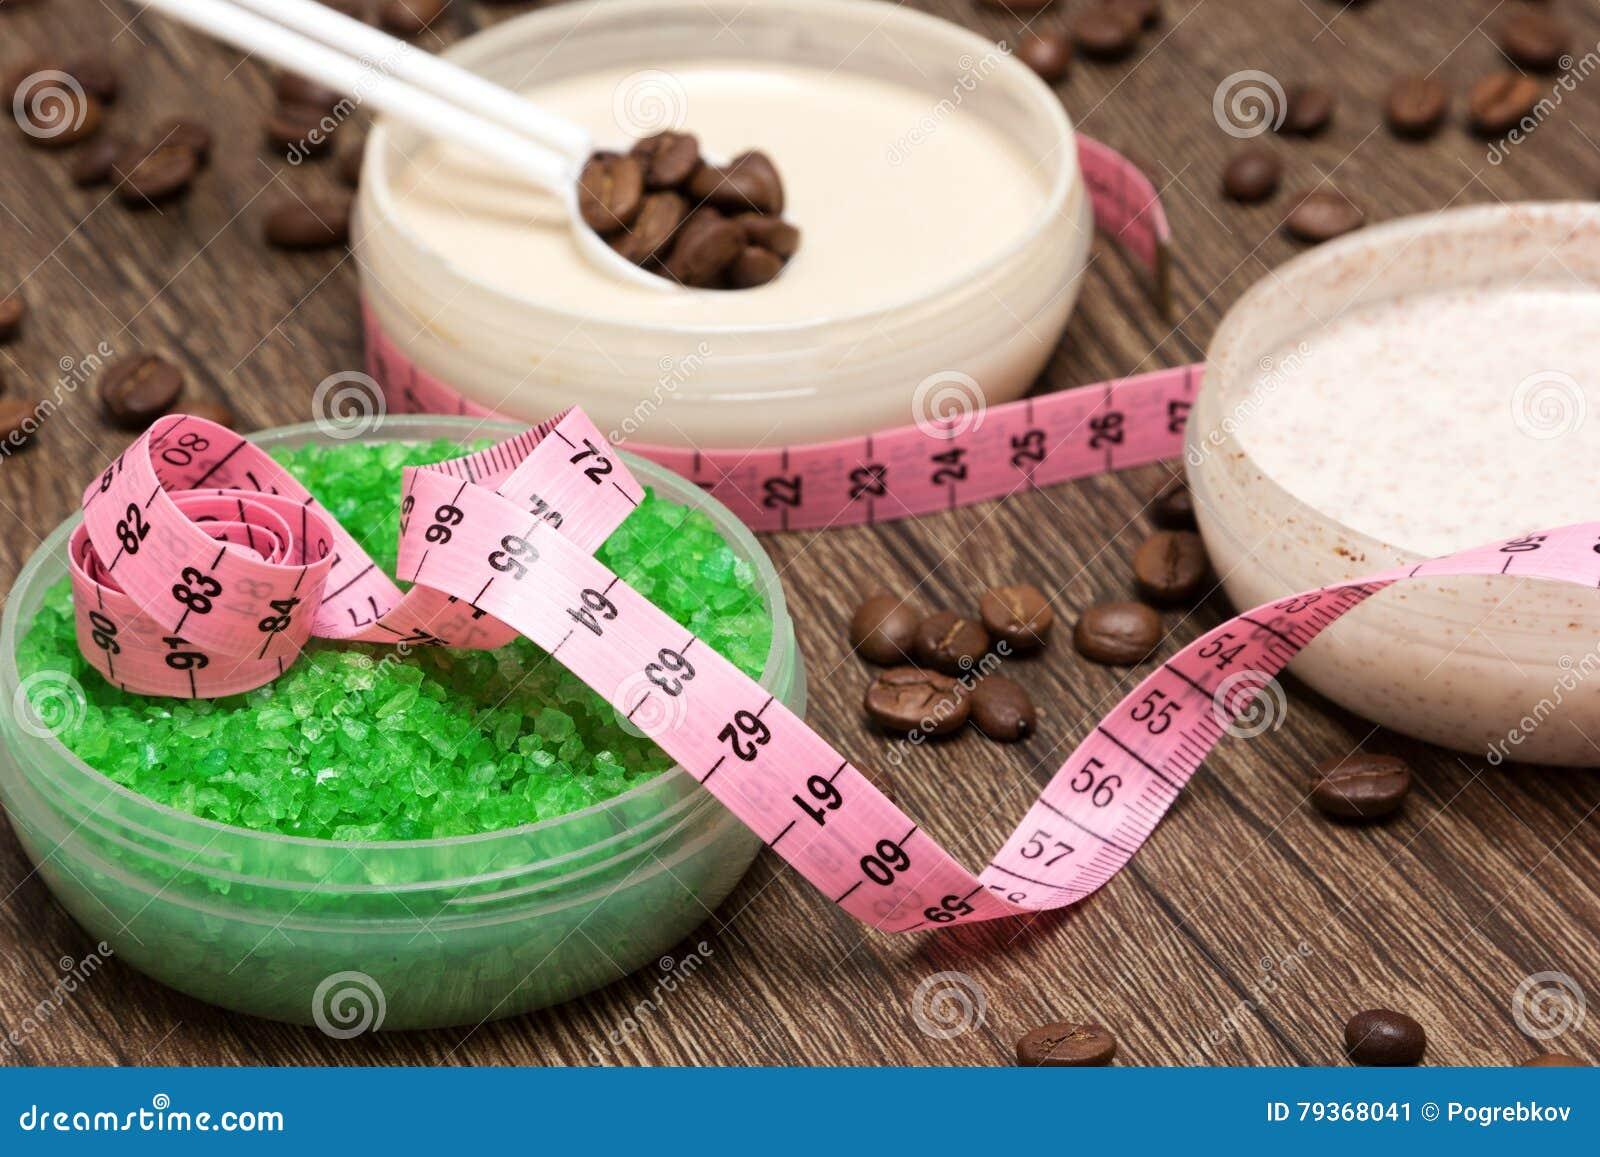 与咖啡因的反脂肪团化妆产品